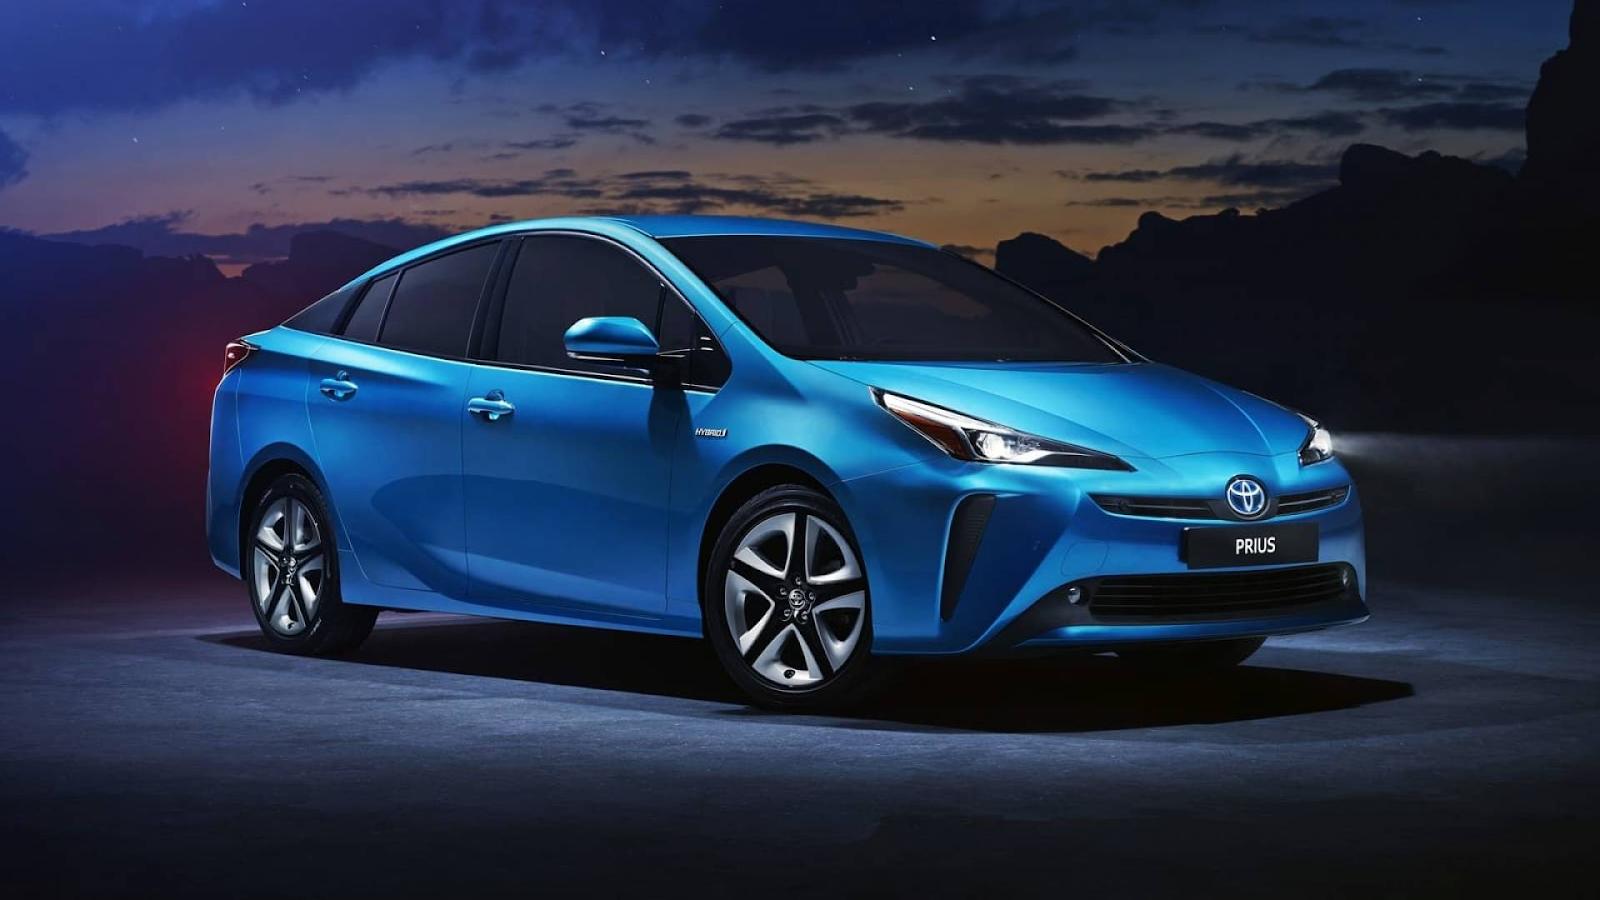 Autos hibridos ventajas y desventajas Toyota Prius